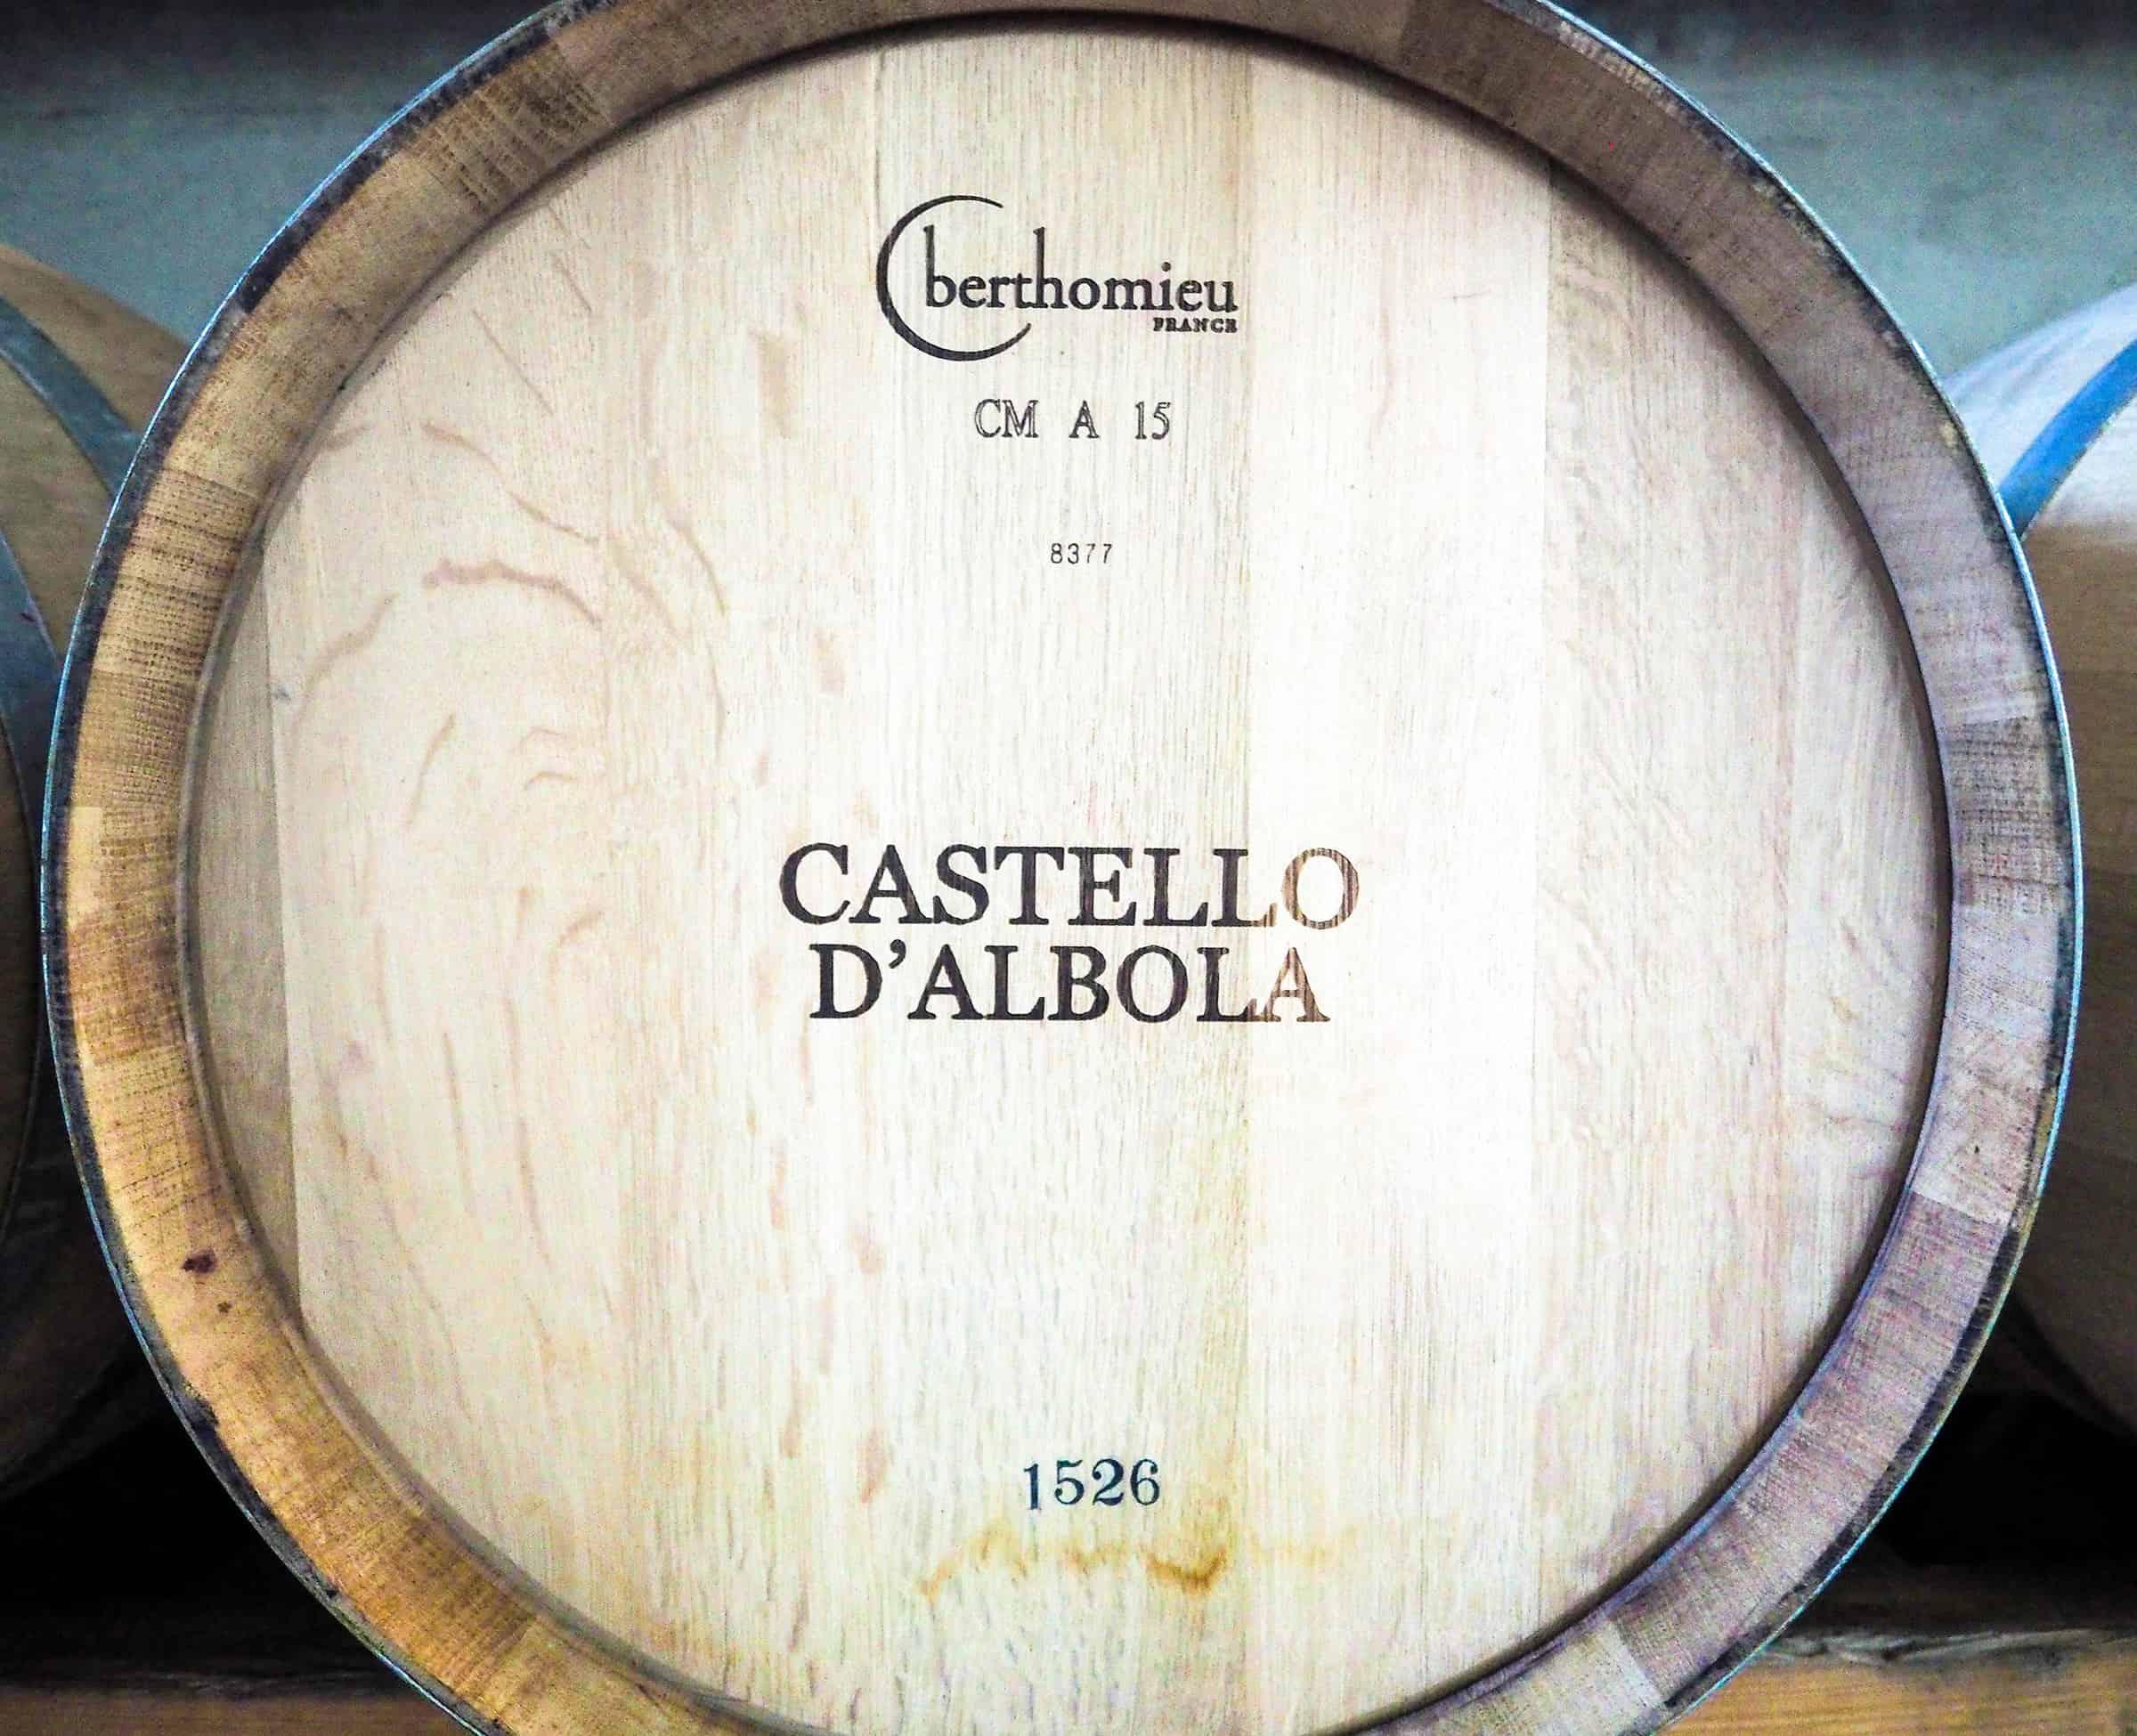 Wijnrondleiding en wijnproeverij bij Castello d'Albola